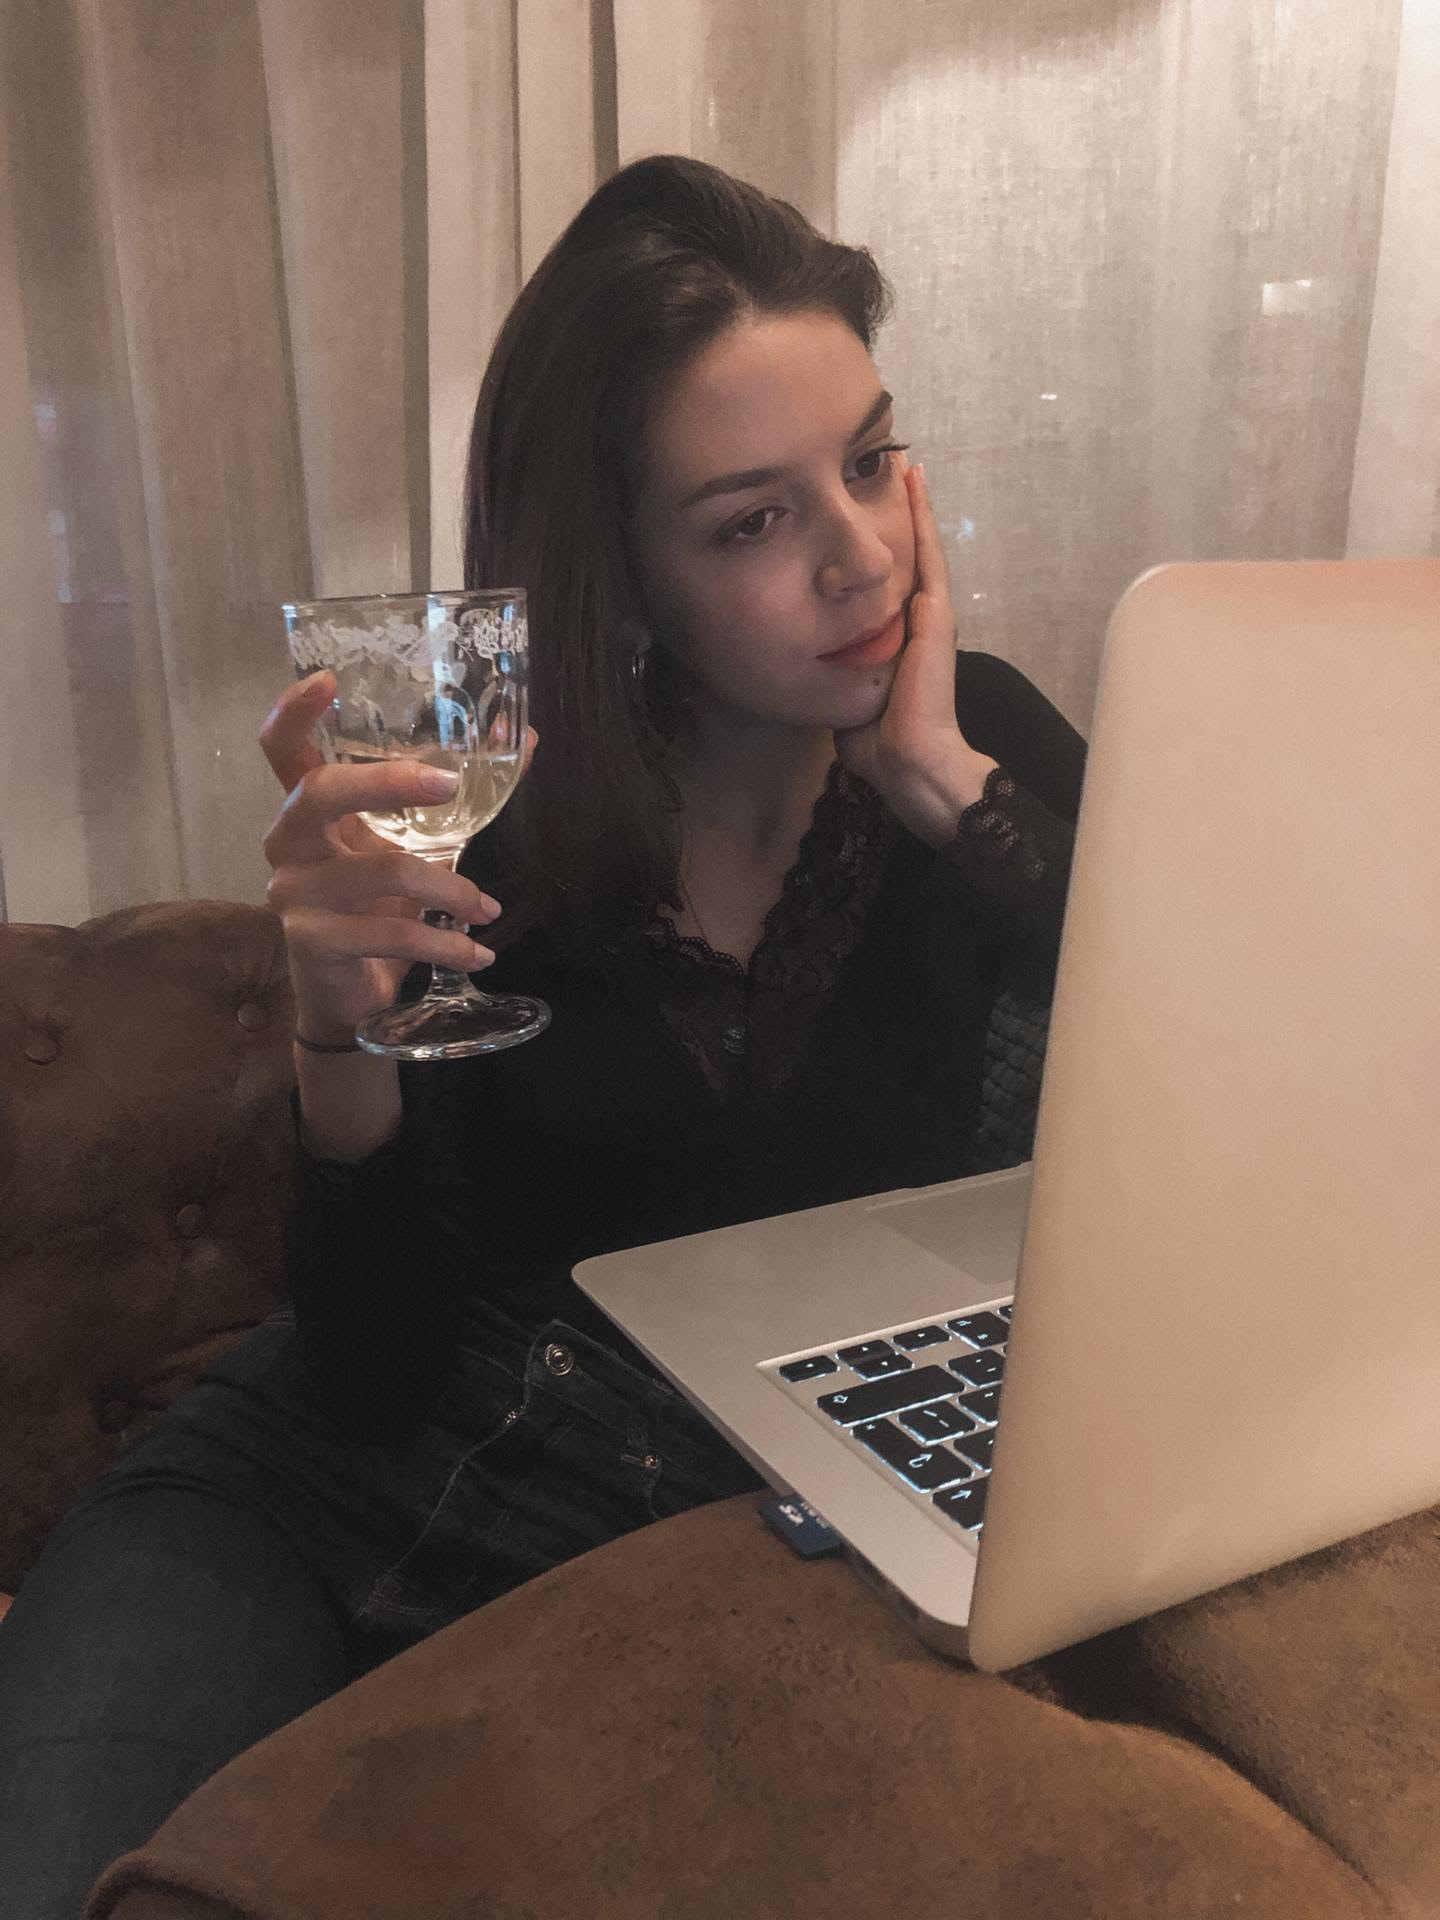 Rapariga sentada no sofá, em frente ao computador, com um copo de vinho branco na mão.